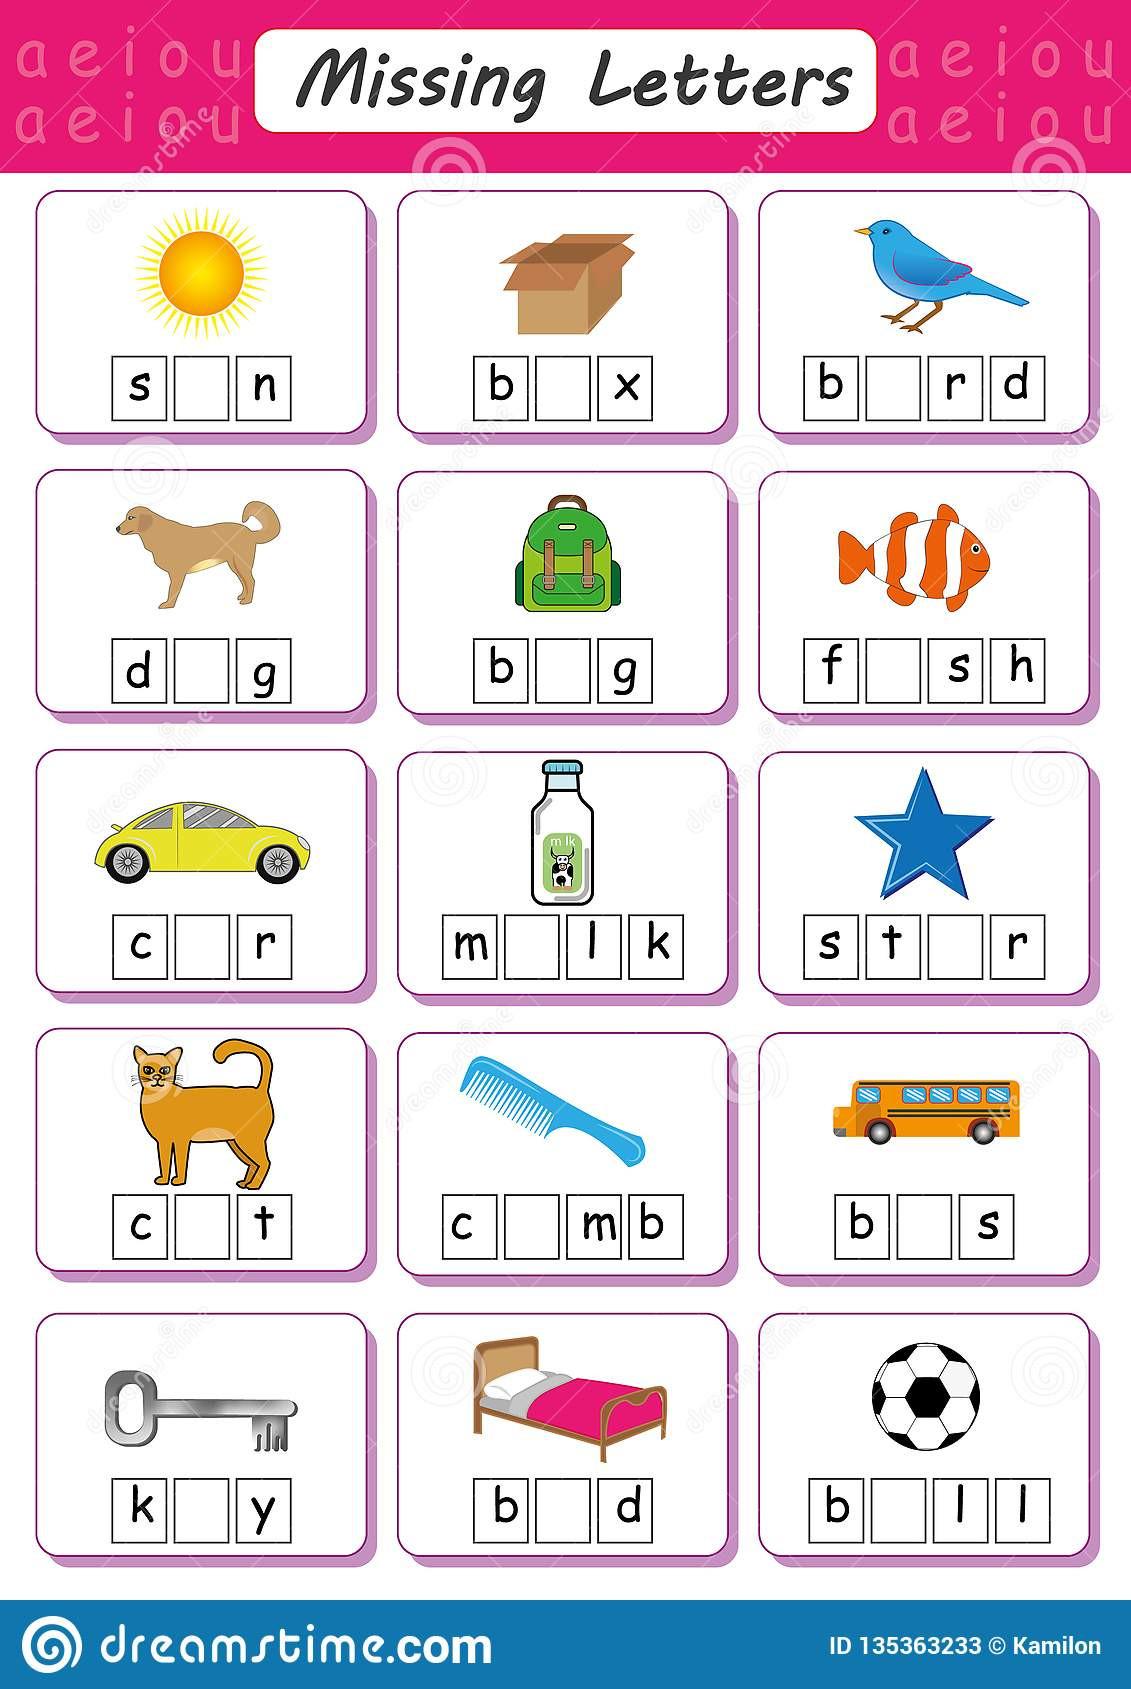 Missing Letter Worksheets for Kindergarten Write Missing Letter Write the Missing Vowel Worksheet for